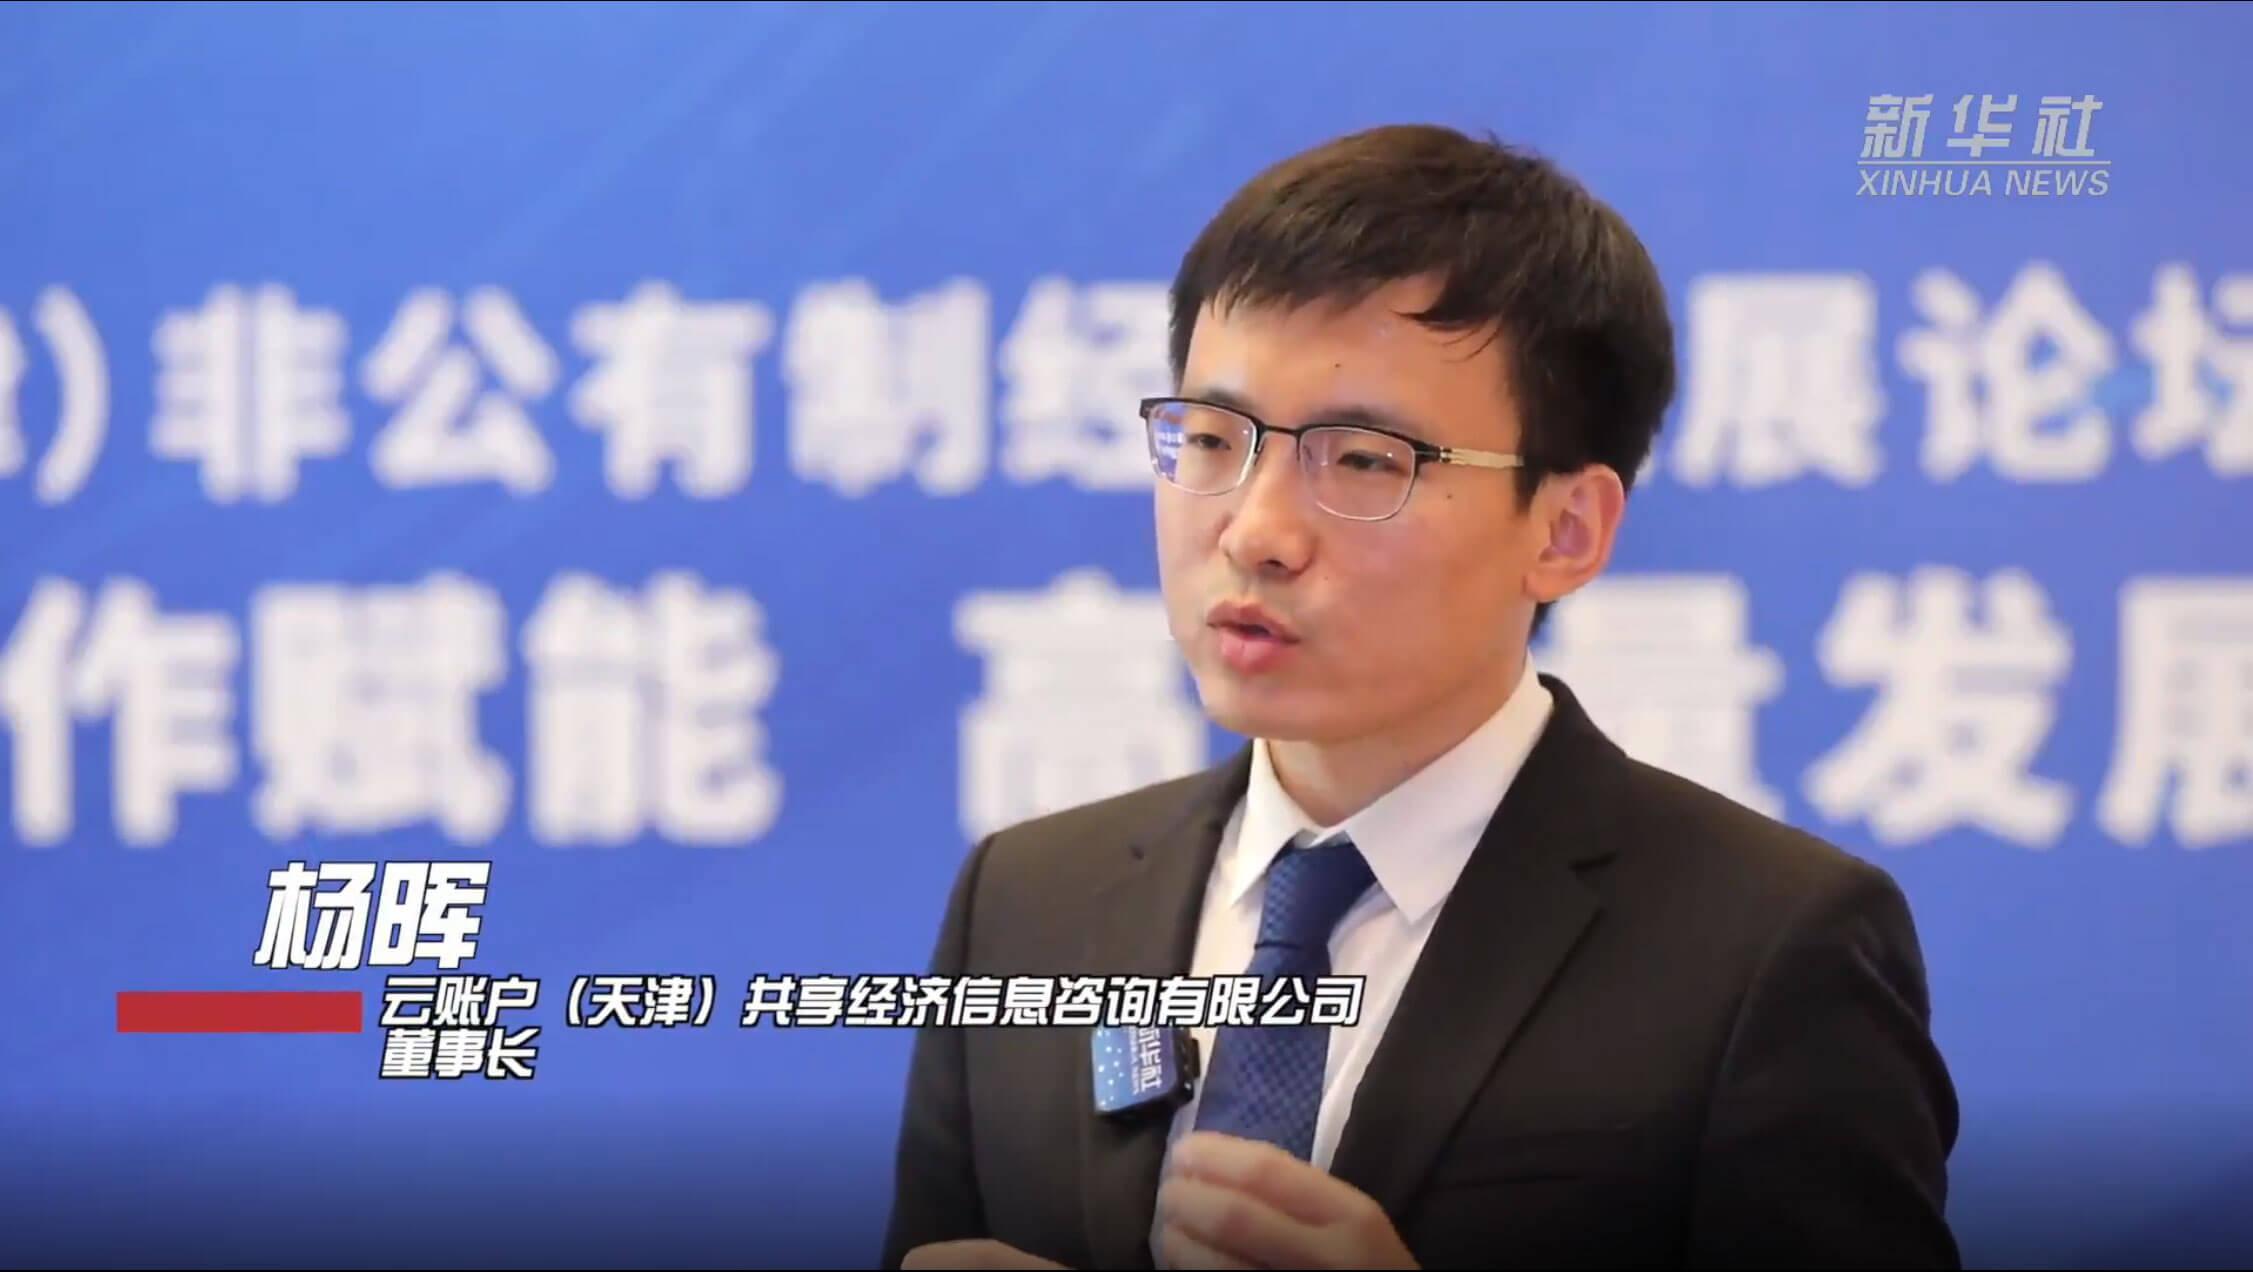 新华社:坚定信心 民营经济高质量发展大有可为 11